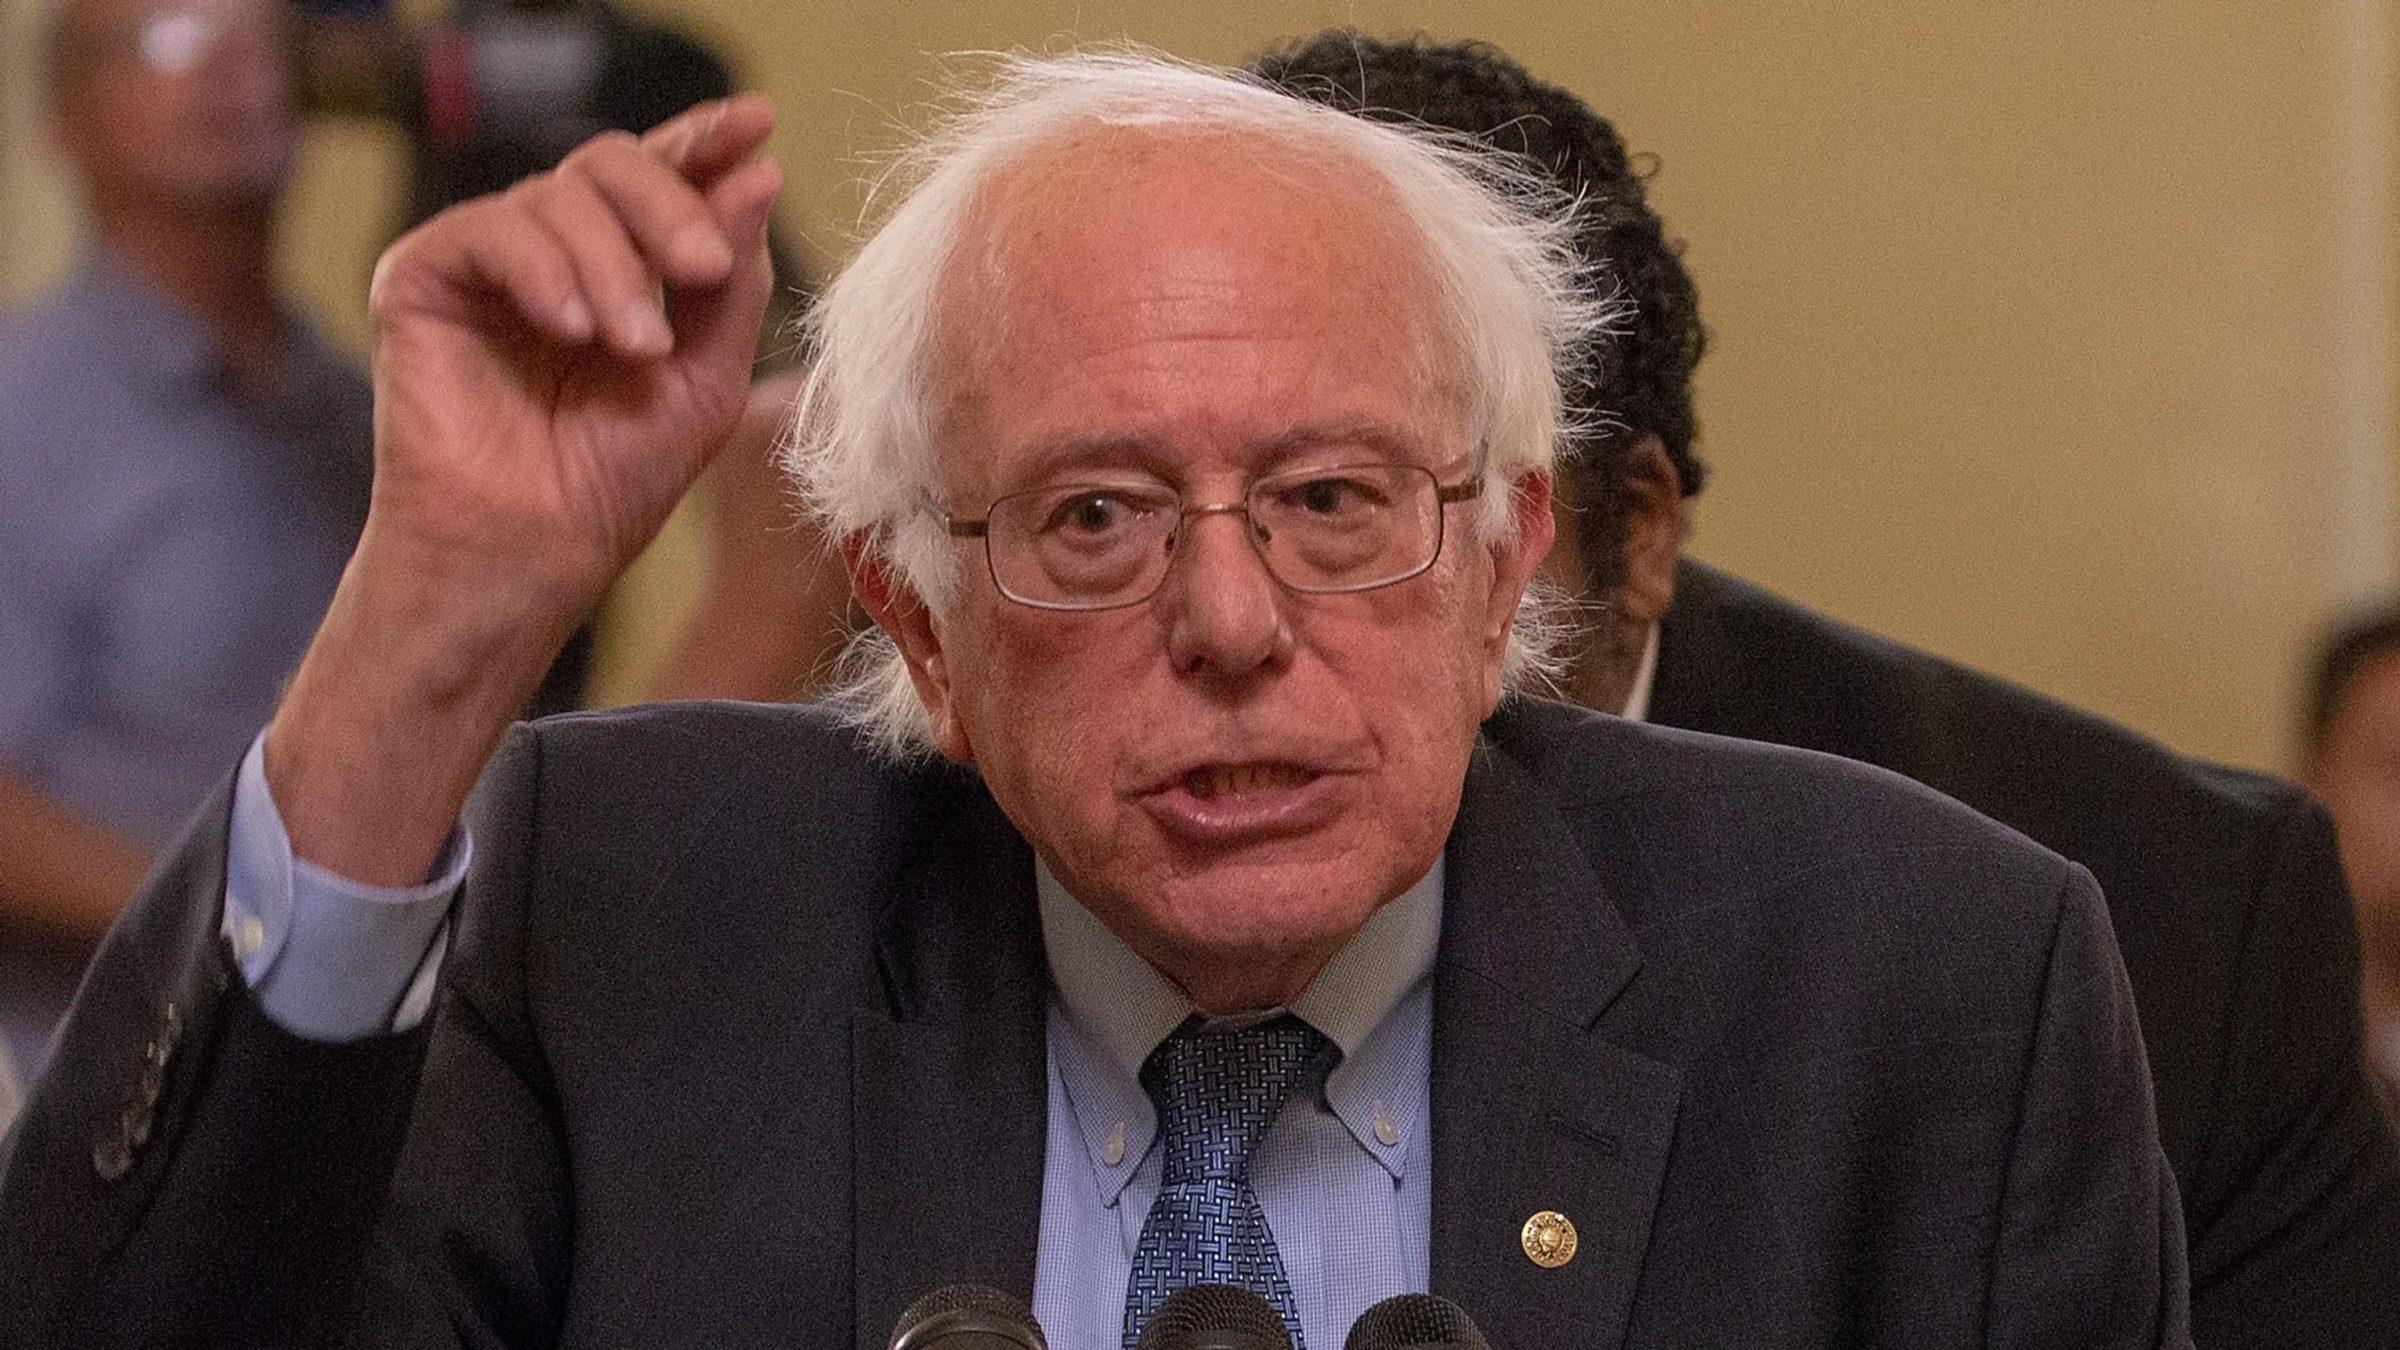 Bernie Sanders Speaking Political meme template blank